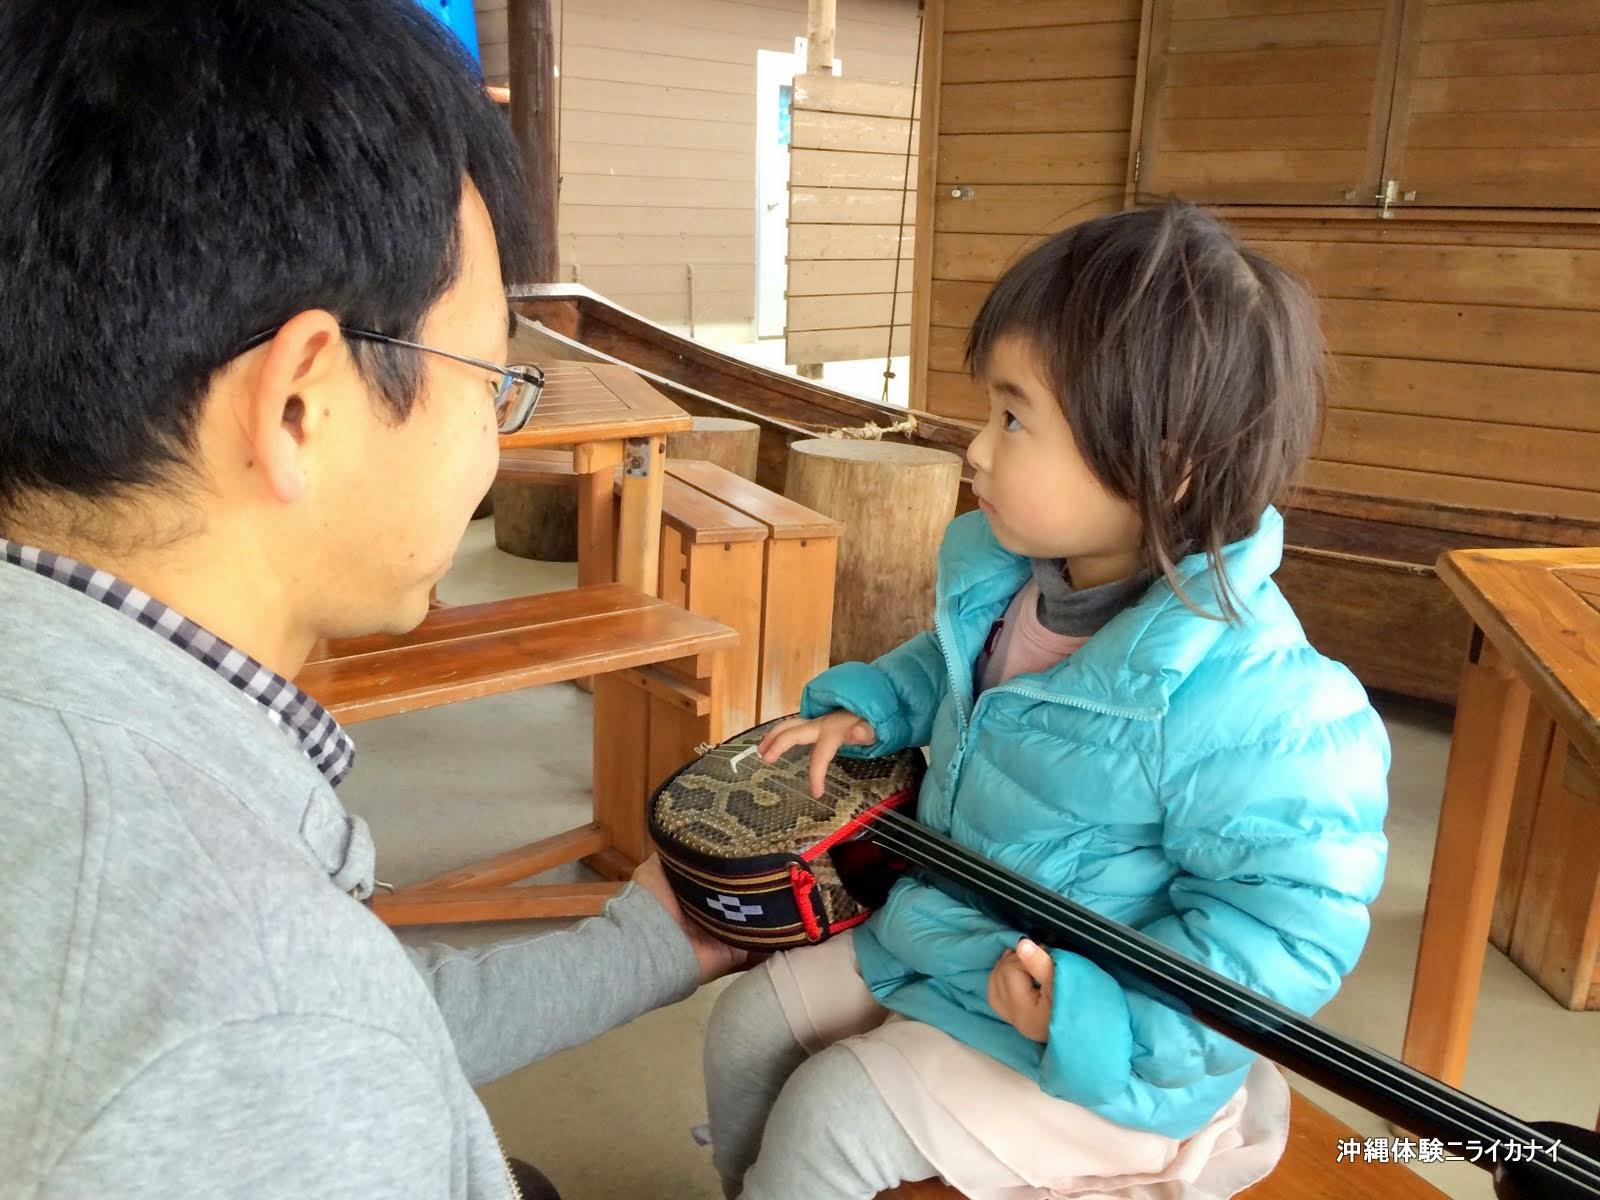 沖縄体験ニライカナイ~恩納村の体験/観光ブログ~サトウキビ刈りと黒糖作り体験